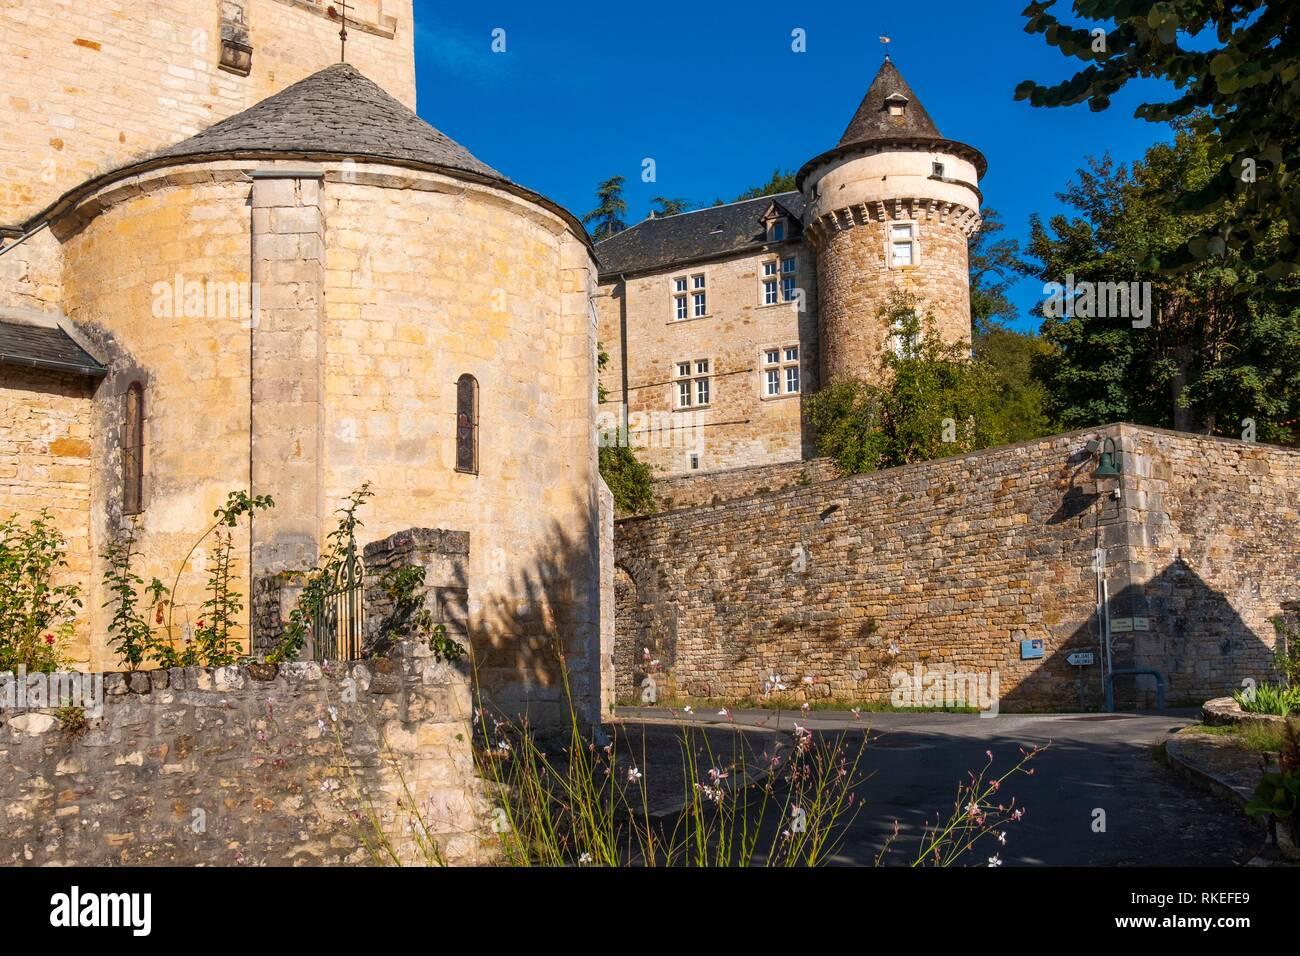 La France, l'Occitanie, Aveyron, PreRomanesque église et château du 13ème Siècle., à Saint Remy. Photo Stock